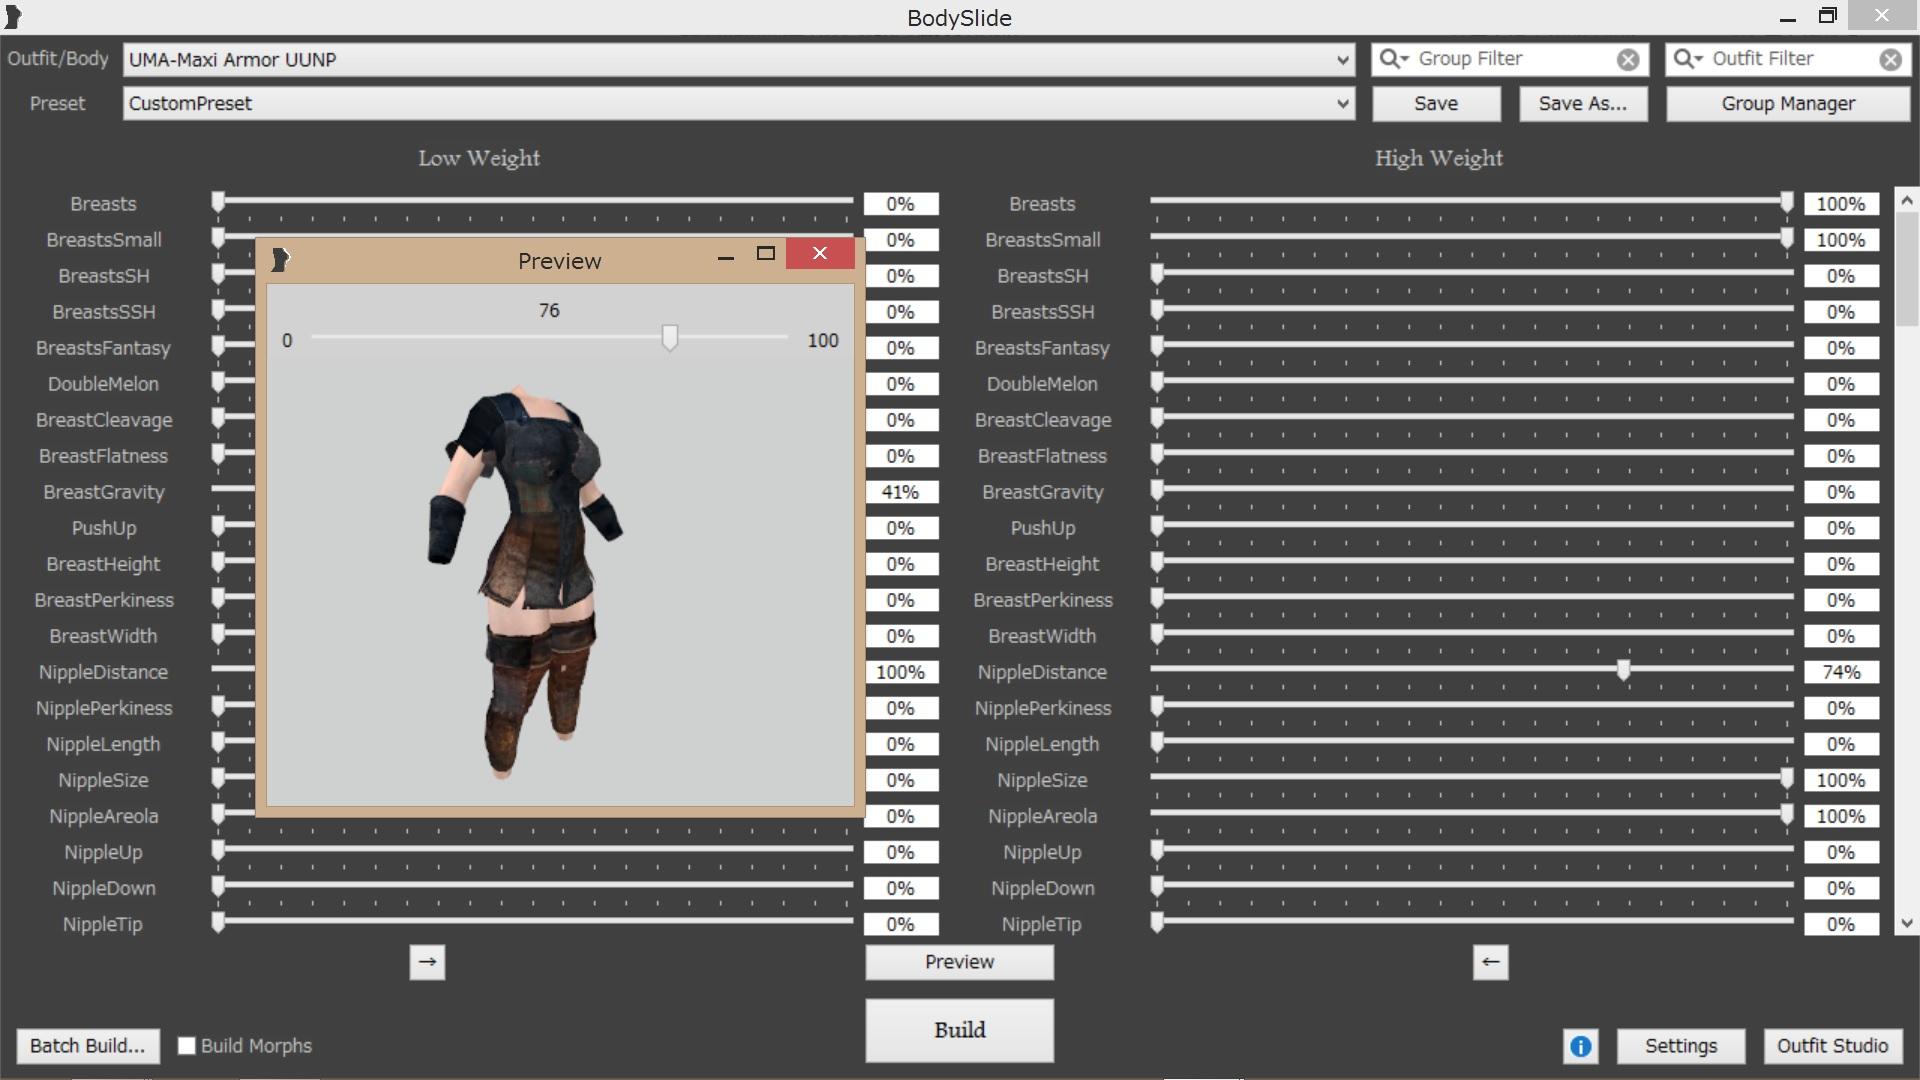 神ツールBodySlide and Outfit Studio - MOD